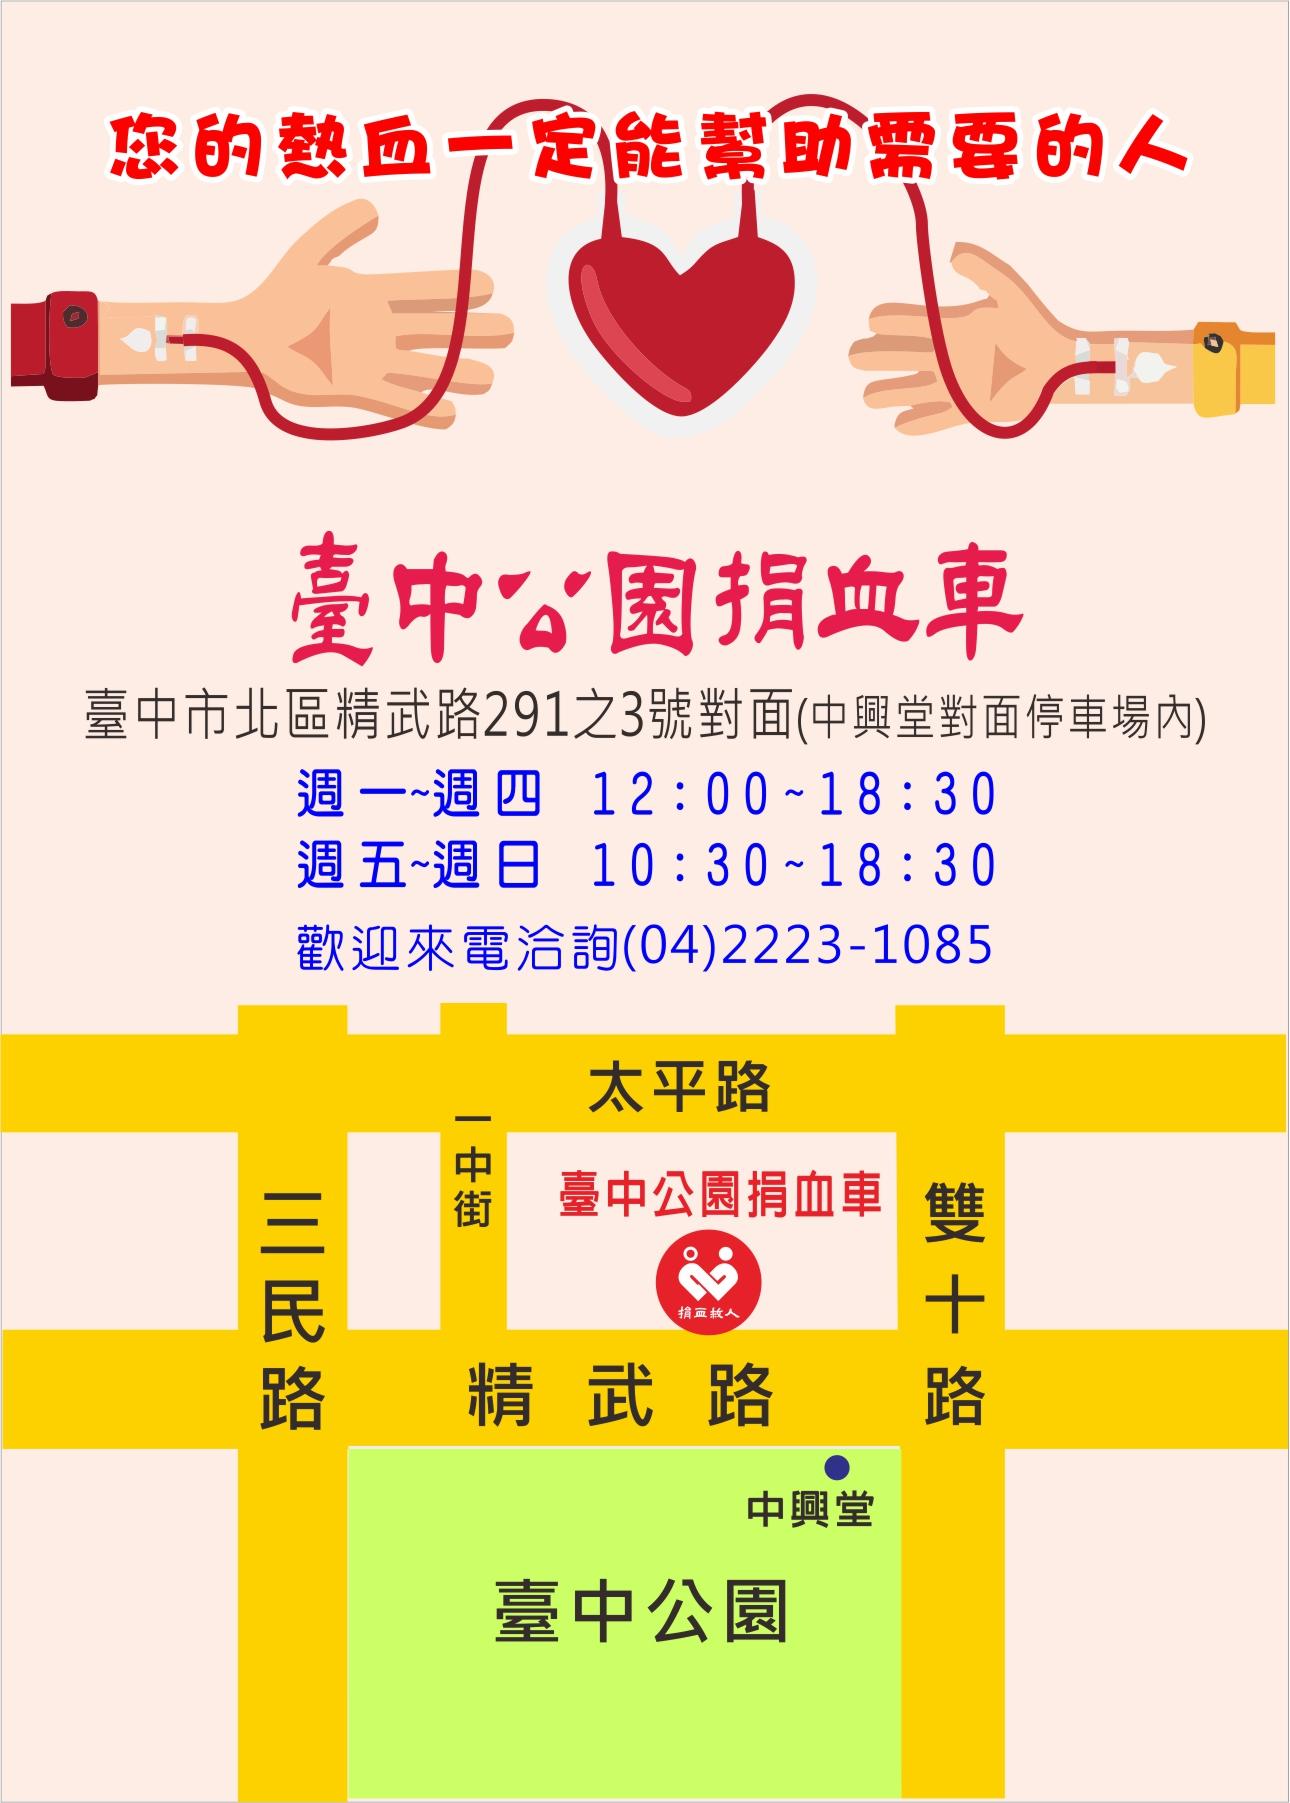 臺中公園捐血車